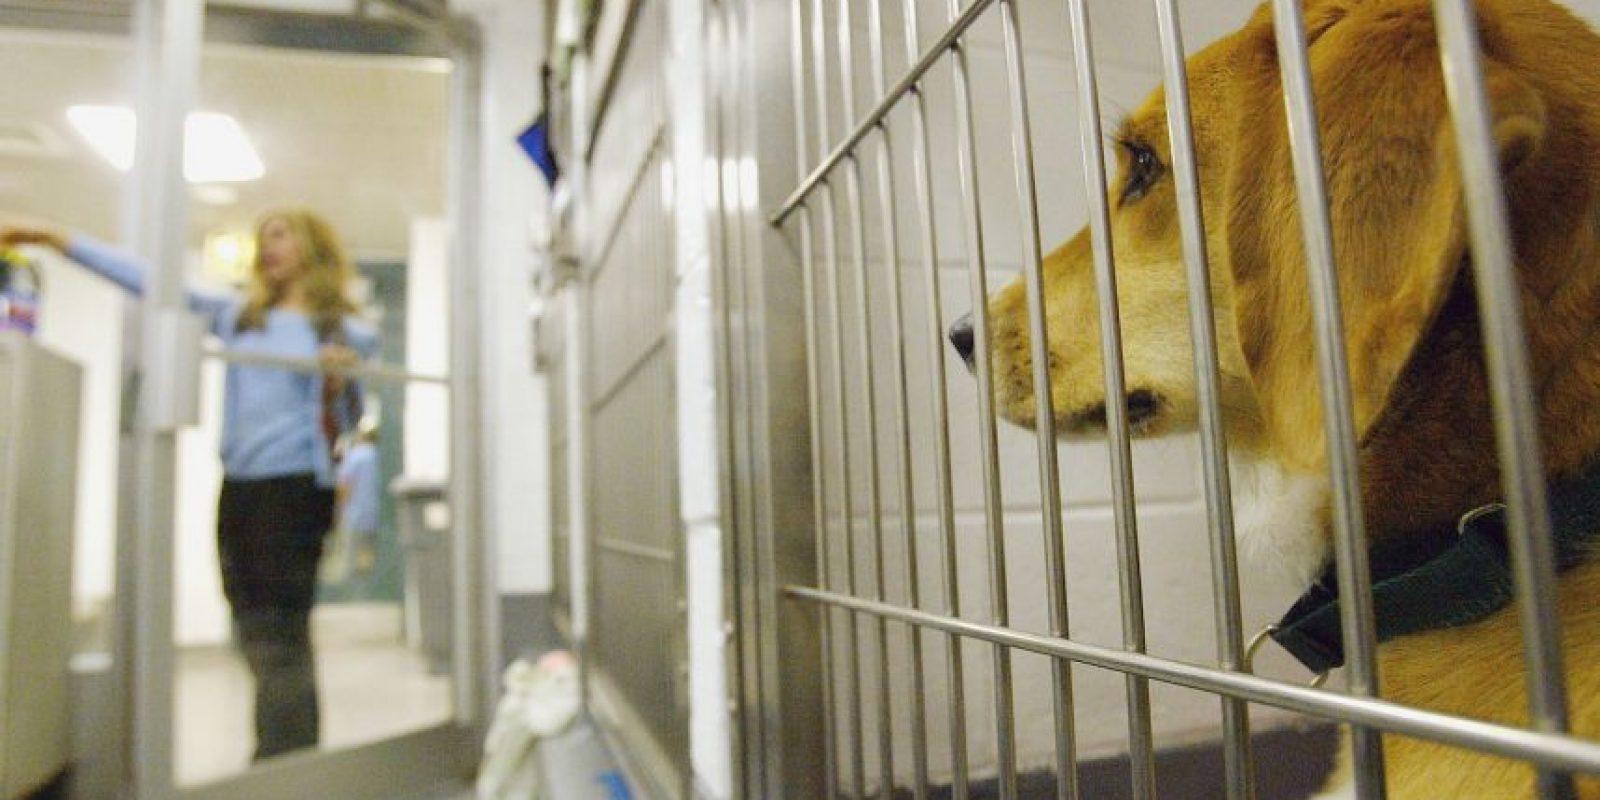 Su manutención puede tener costos muy elevados: cuidados veterinarios, accesorios, comida, etcétera. Foto:Getty Images